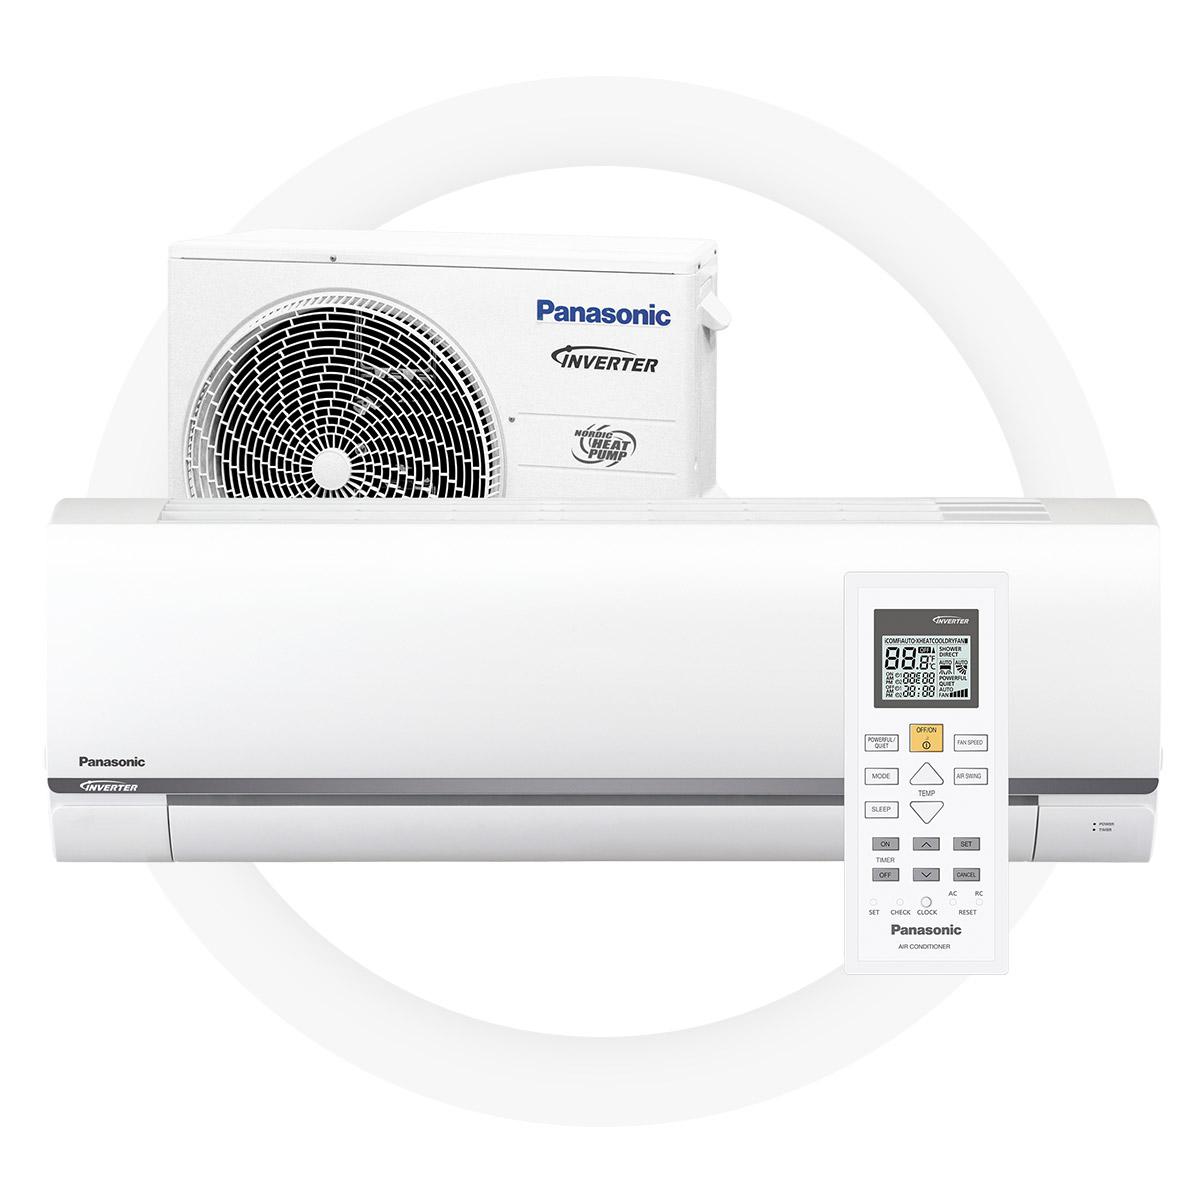 Panasonic cz25-tke - Bra SCOP-värde på 4,1 ger stora besparingarHög energieffektivitet vid uppvärmning – A++l+8/+15°C läge för underhållsvärmeTyst arbetsläge – 21 dBMiljövänligt R32 kylmedel5 års full fabriksgaranti från Panasonic